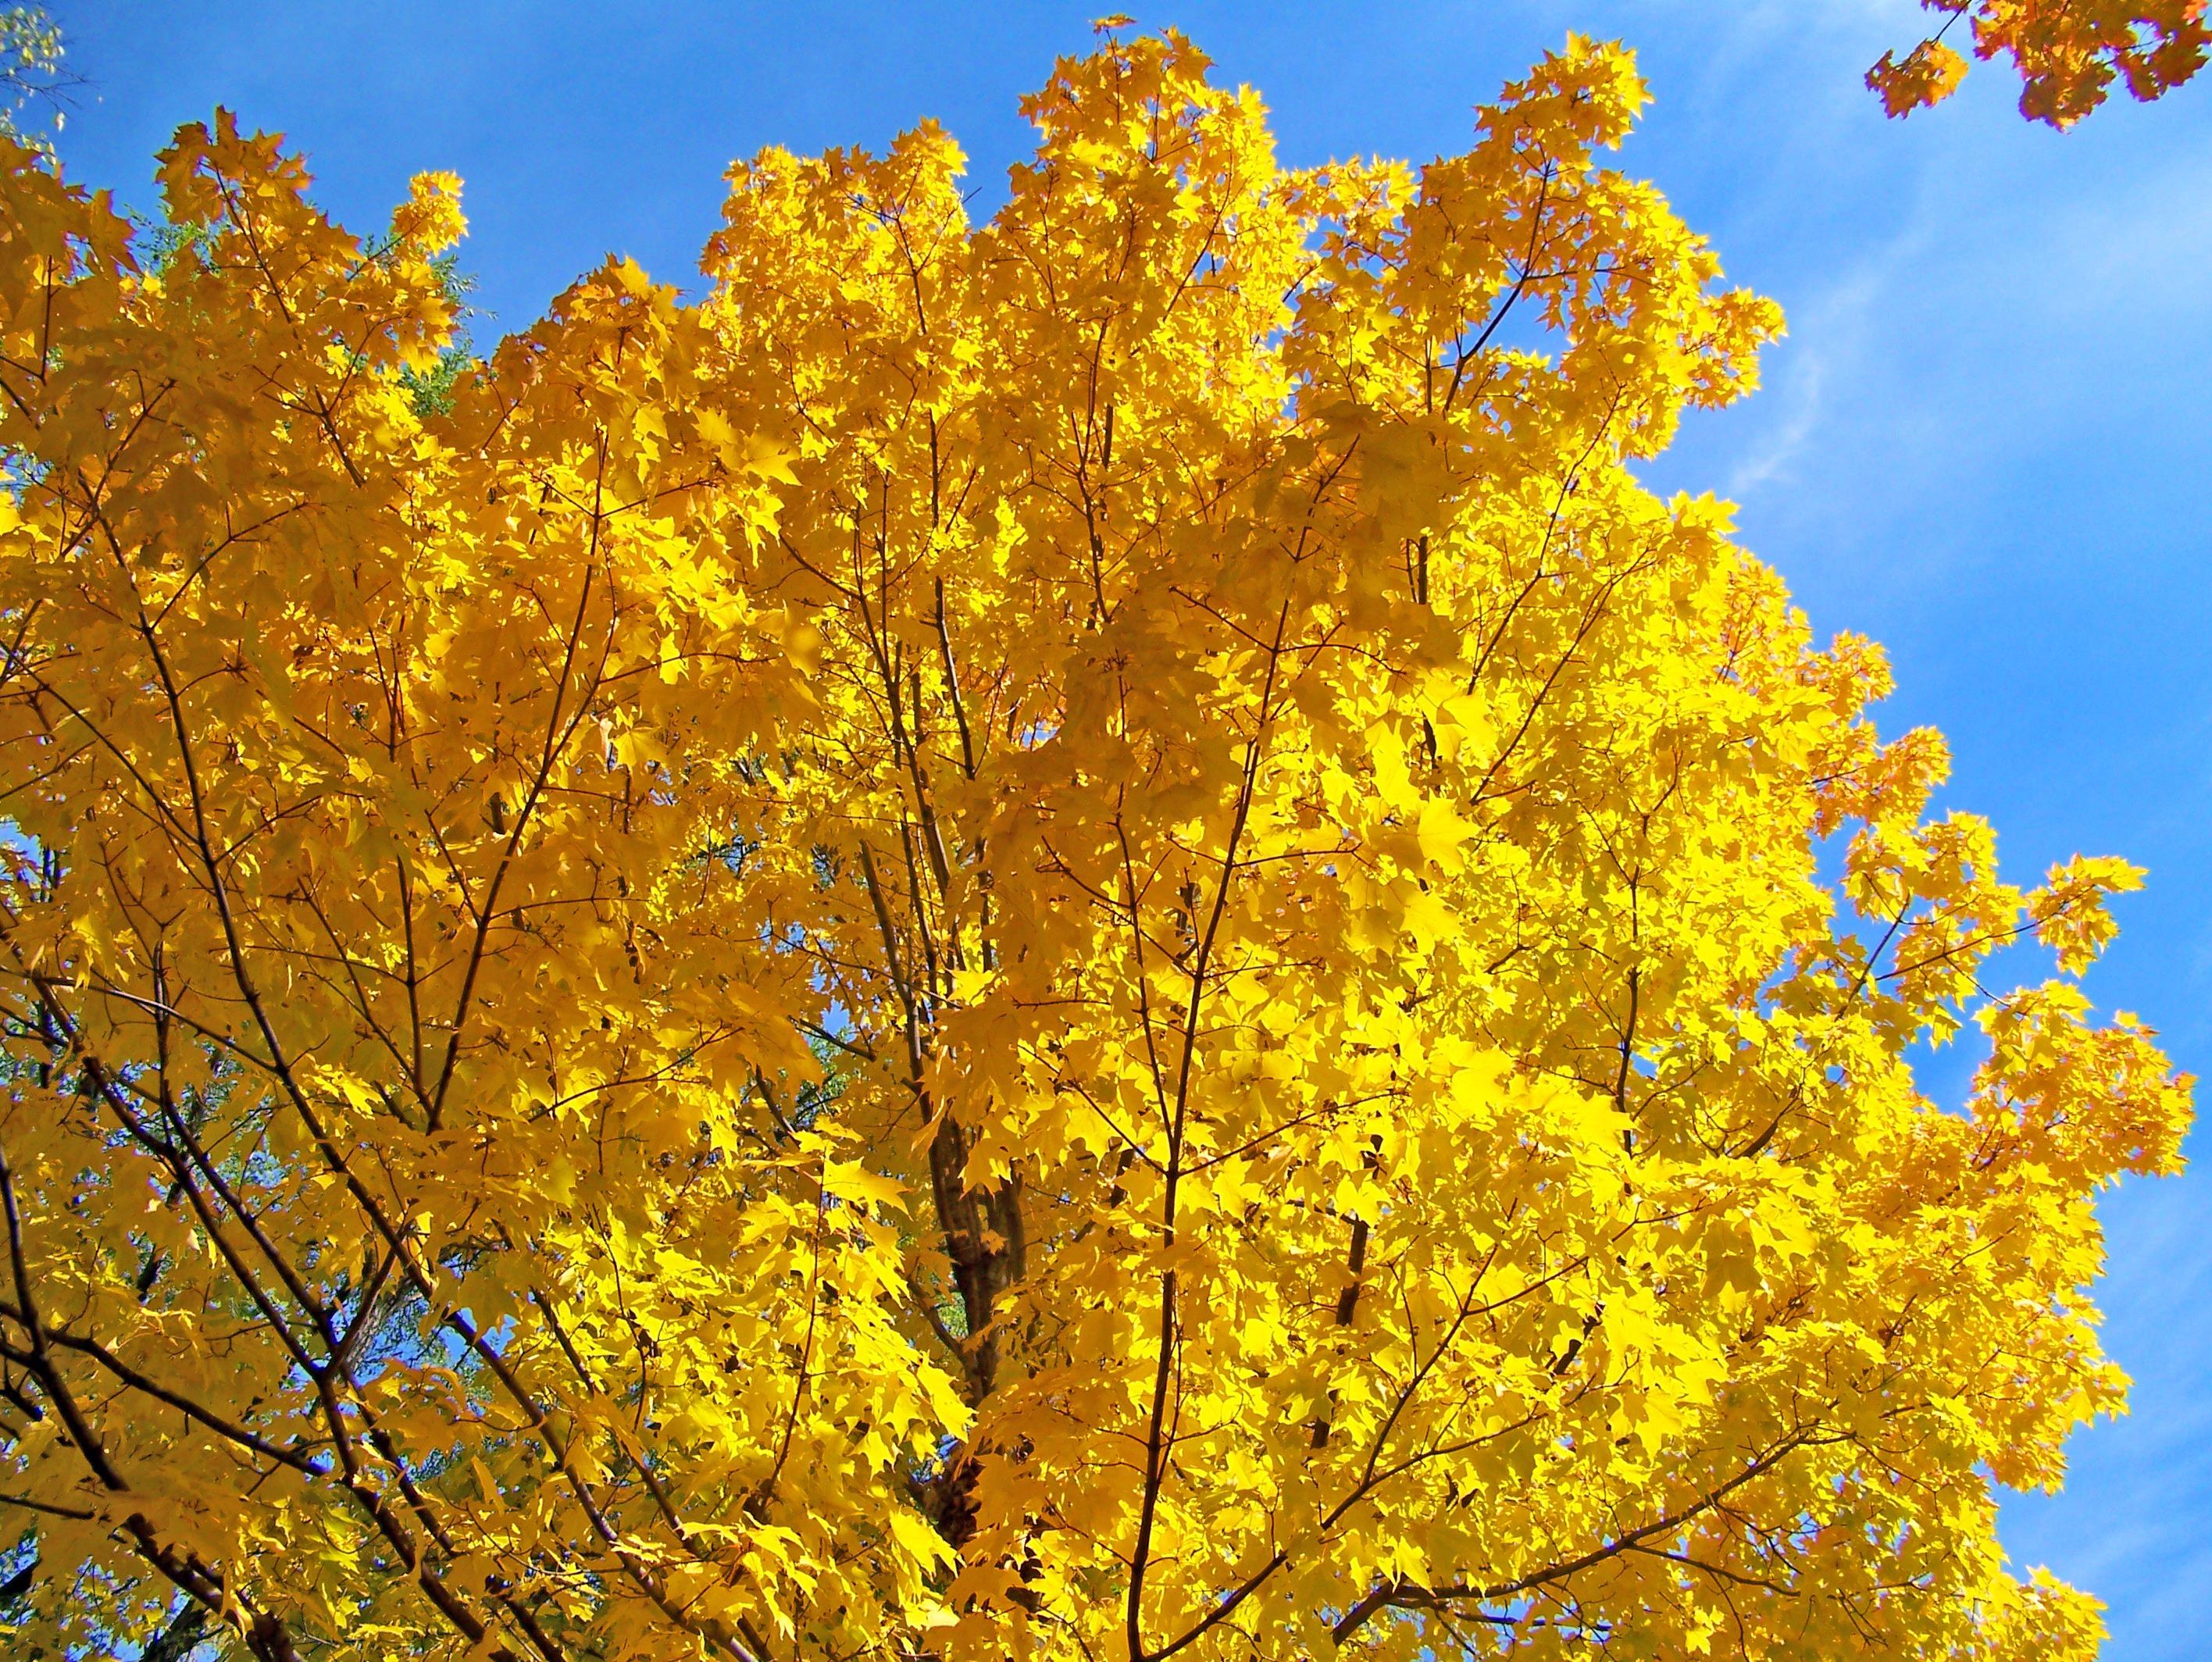 Fotos gratis : rama, cielo, luz de sol, hoja, otoño, flor, amarillo ...